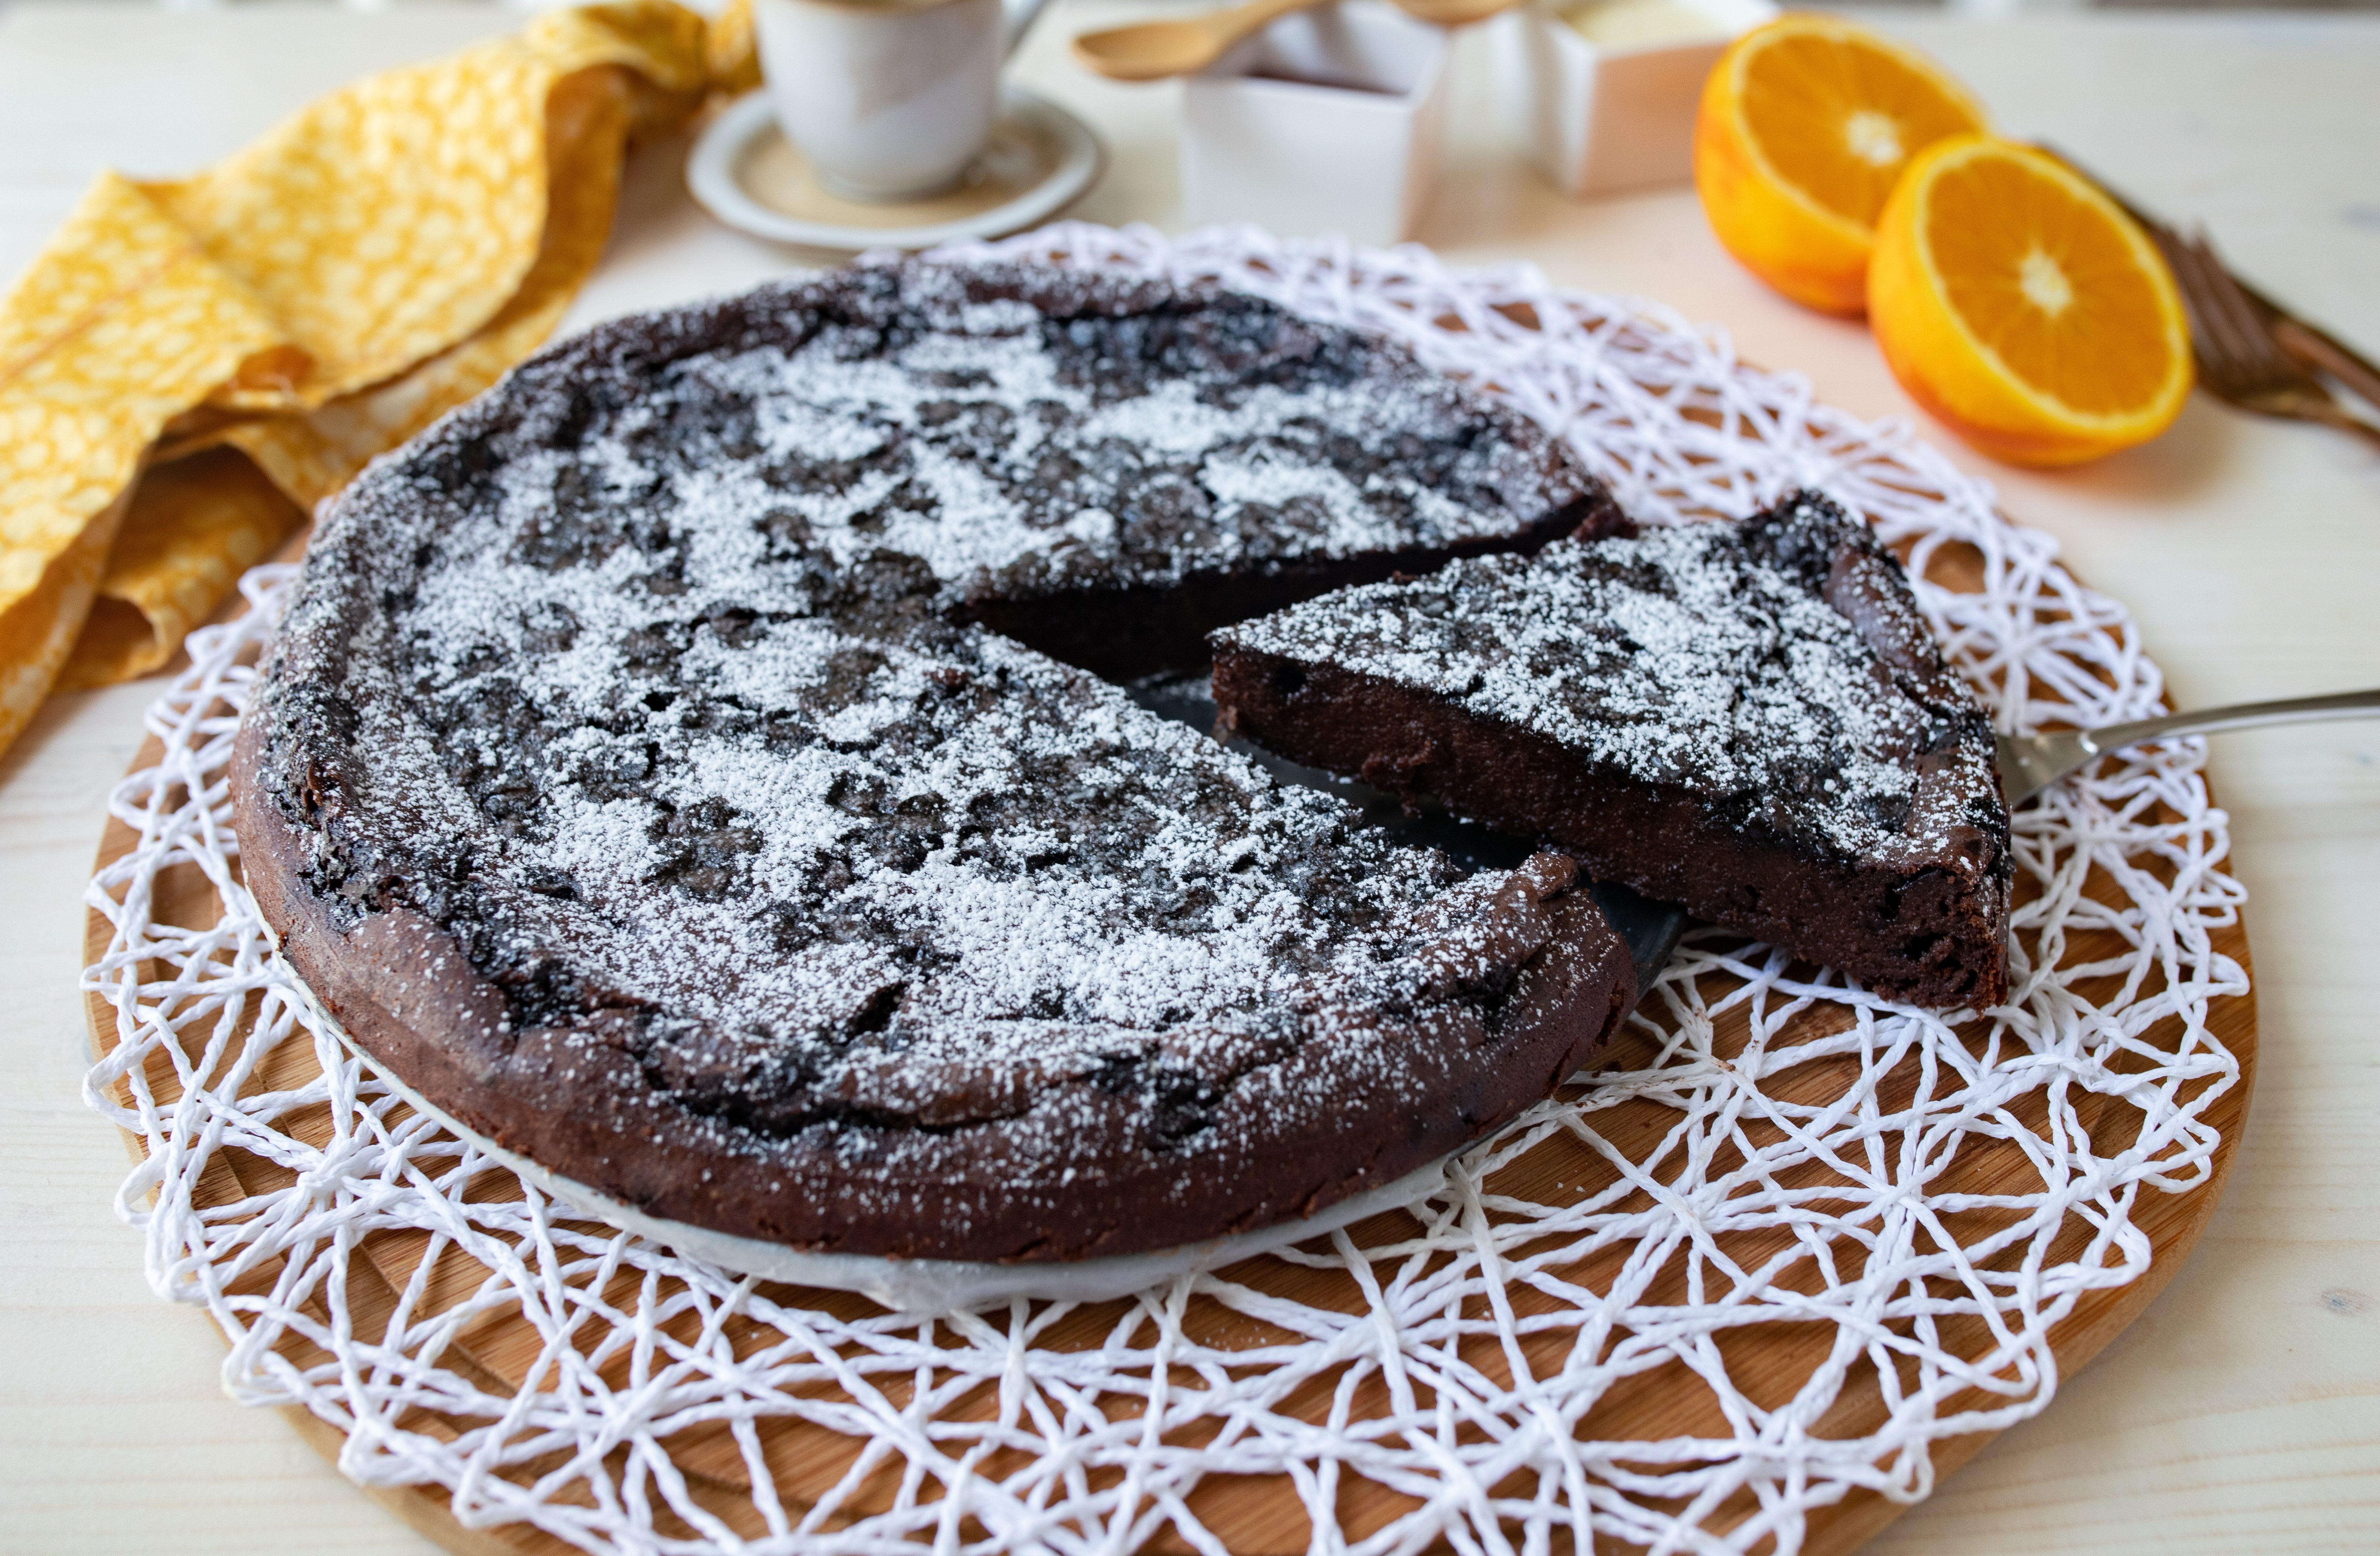 Migliaccio al cioccolato: la ricetta della variante cremosa e super golosa